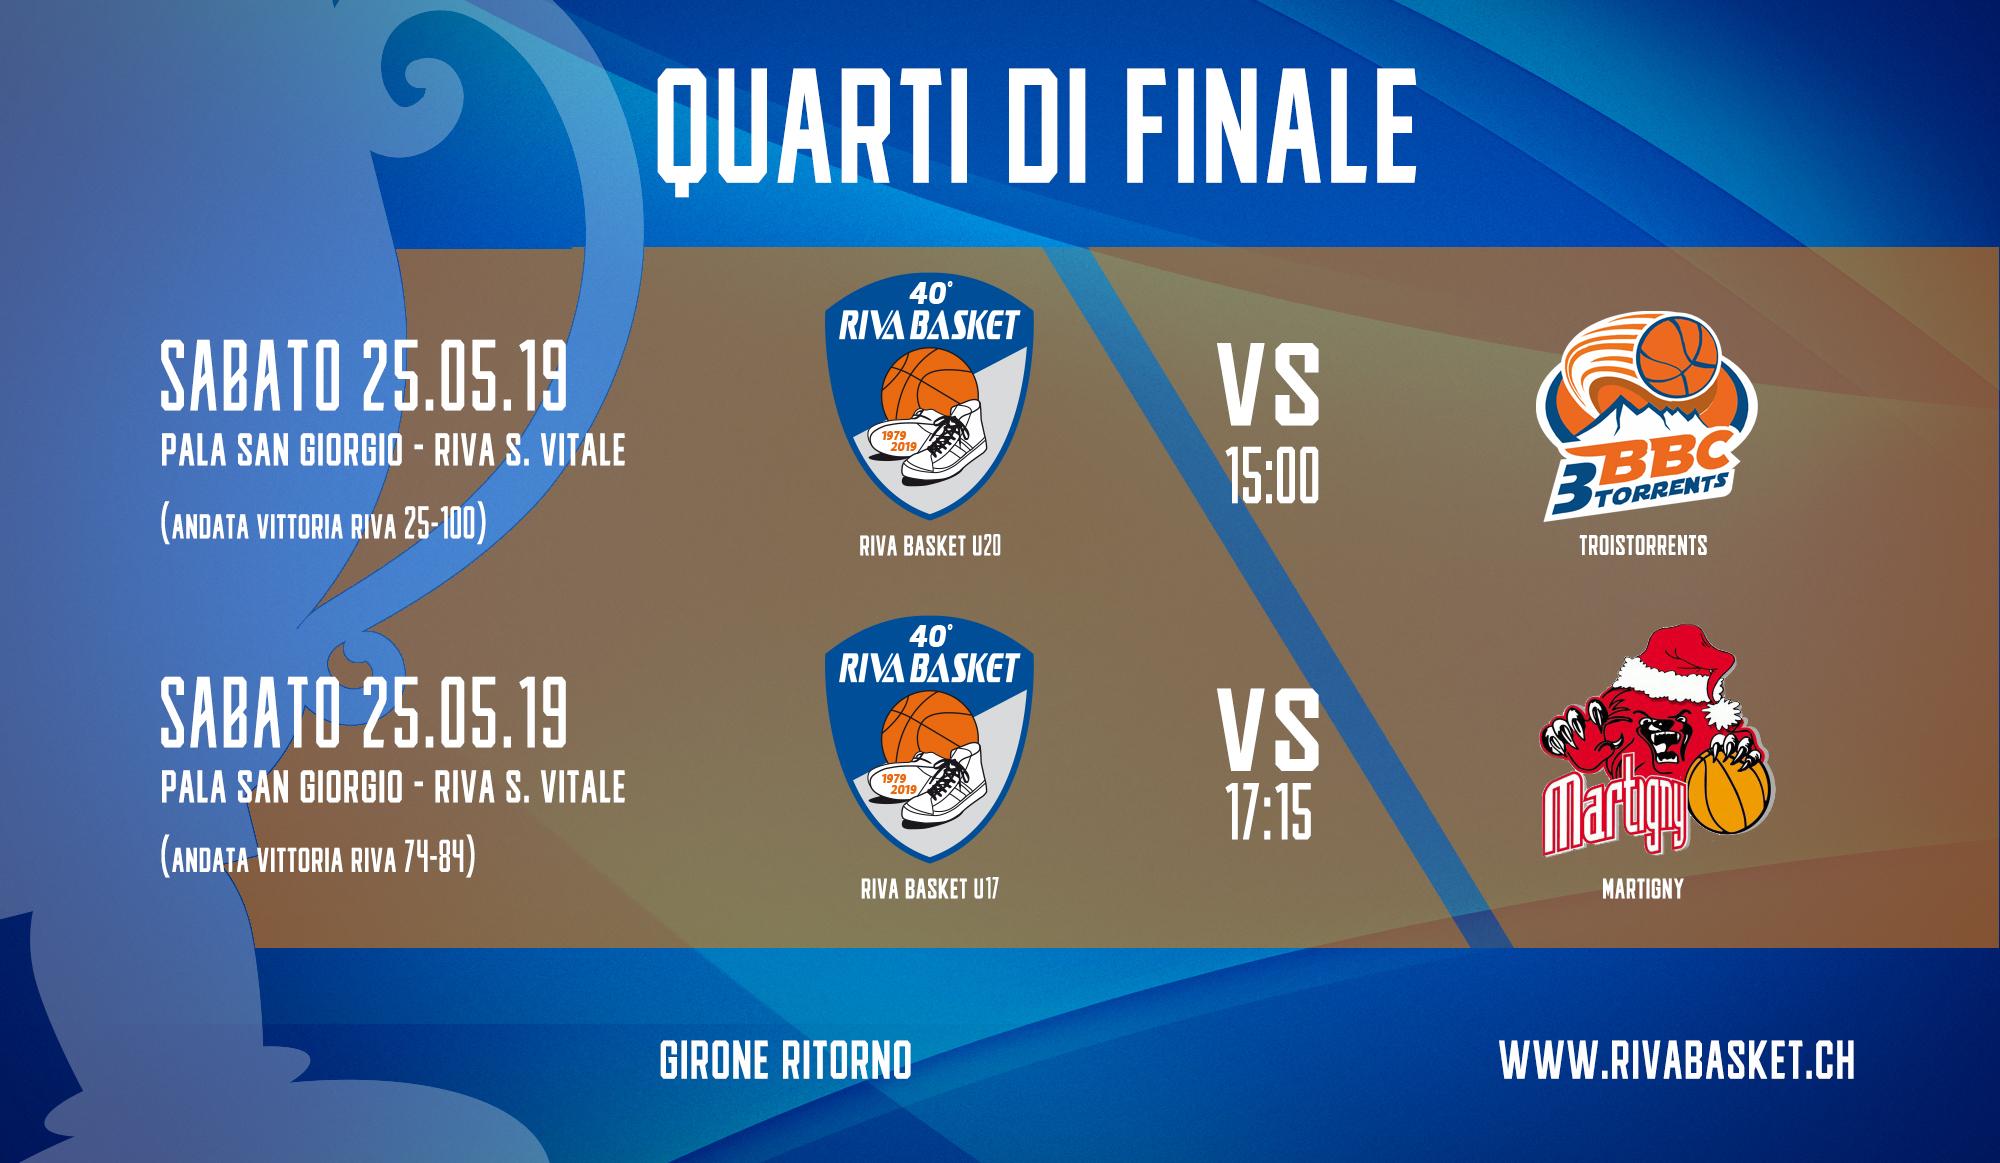 http://www.rivabasket.ch/wp-content/uploads/2019/05/Partite_Riva_quartidifinale_ritorno.jpg